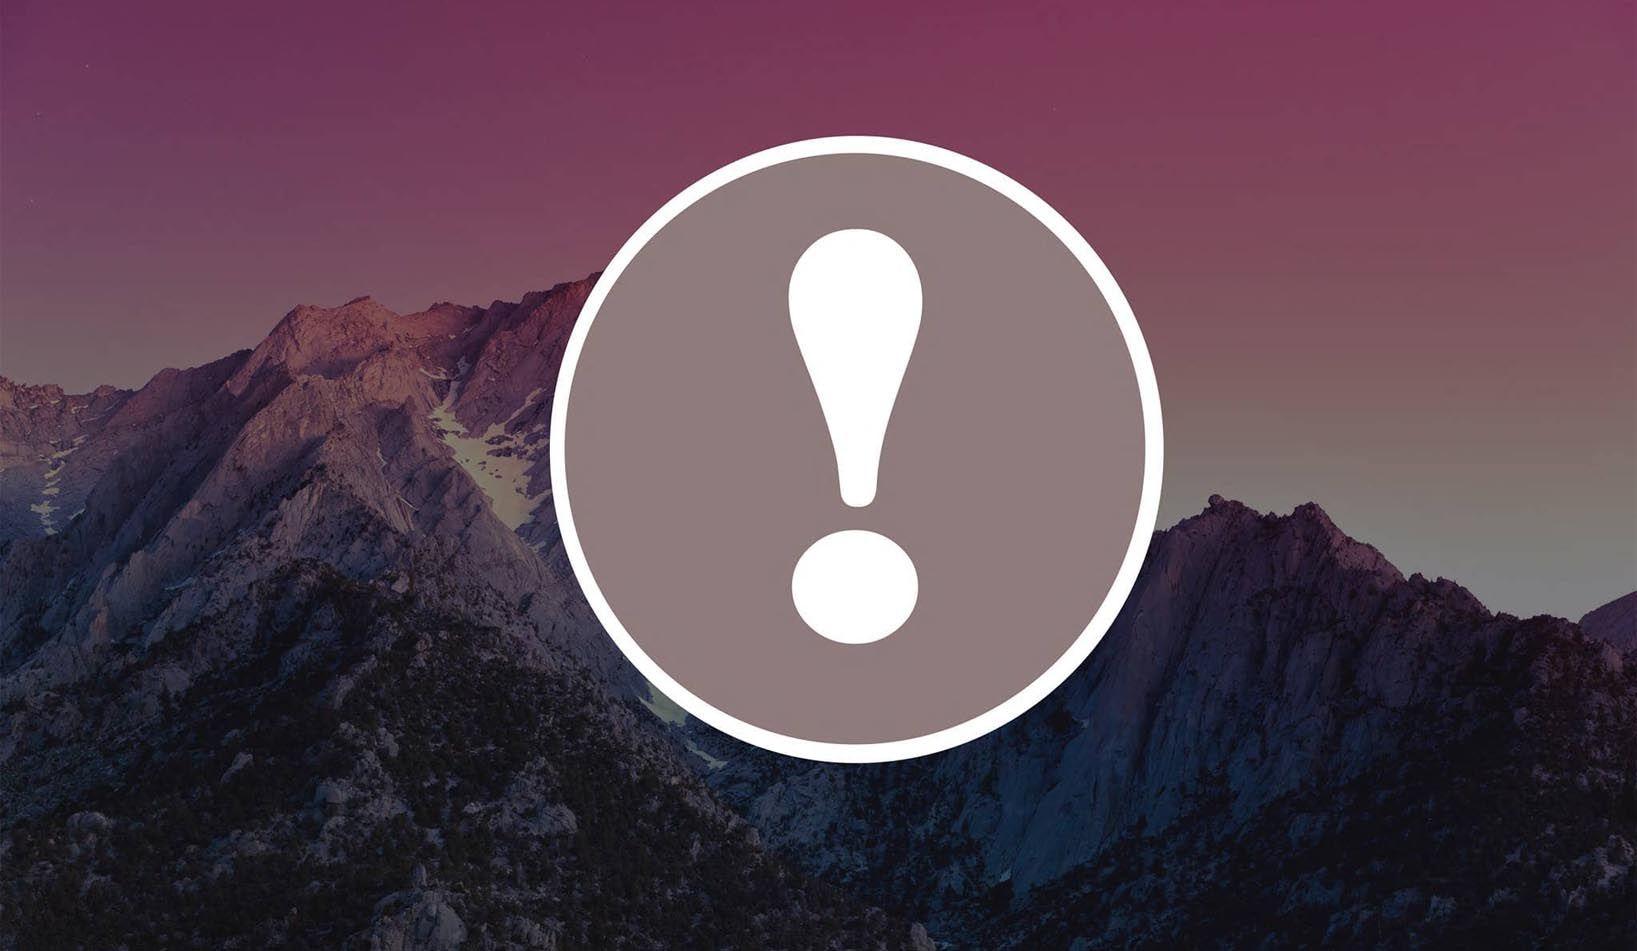 حل مشكلة علامة التعجب على الصور في الايفون والايباد Exclamation Mark Retail Logos Blurry